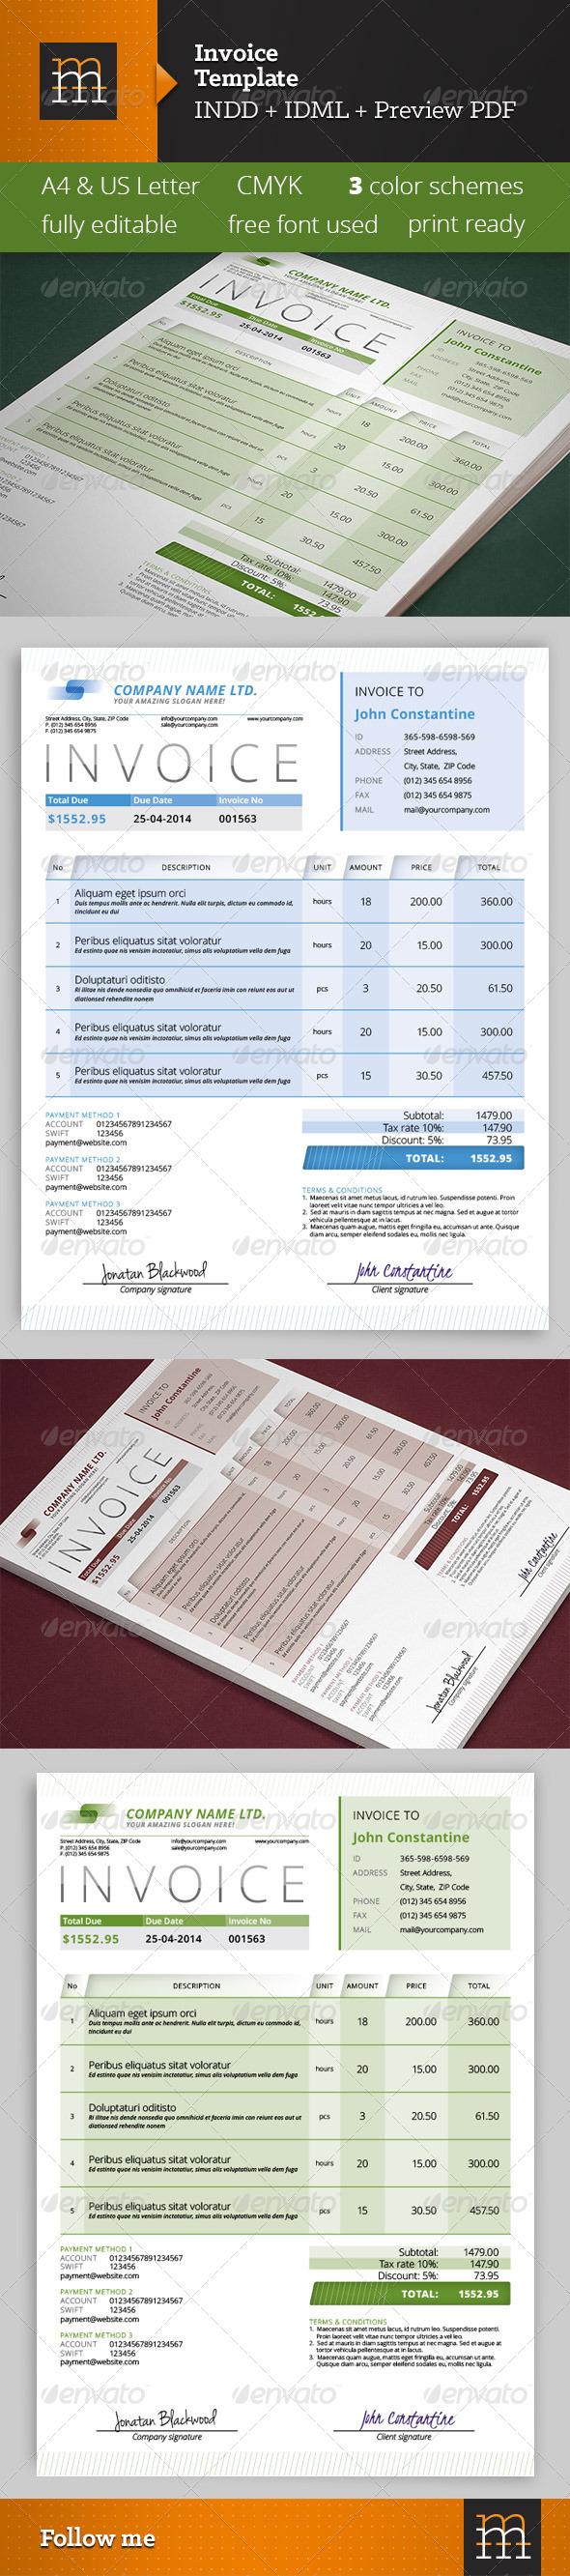 GraphicRiver Invoice Template 7095280